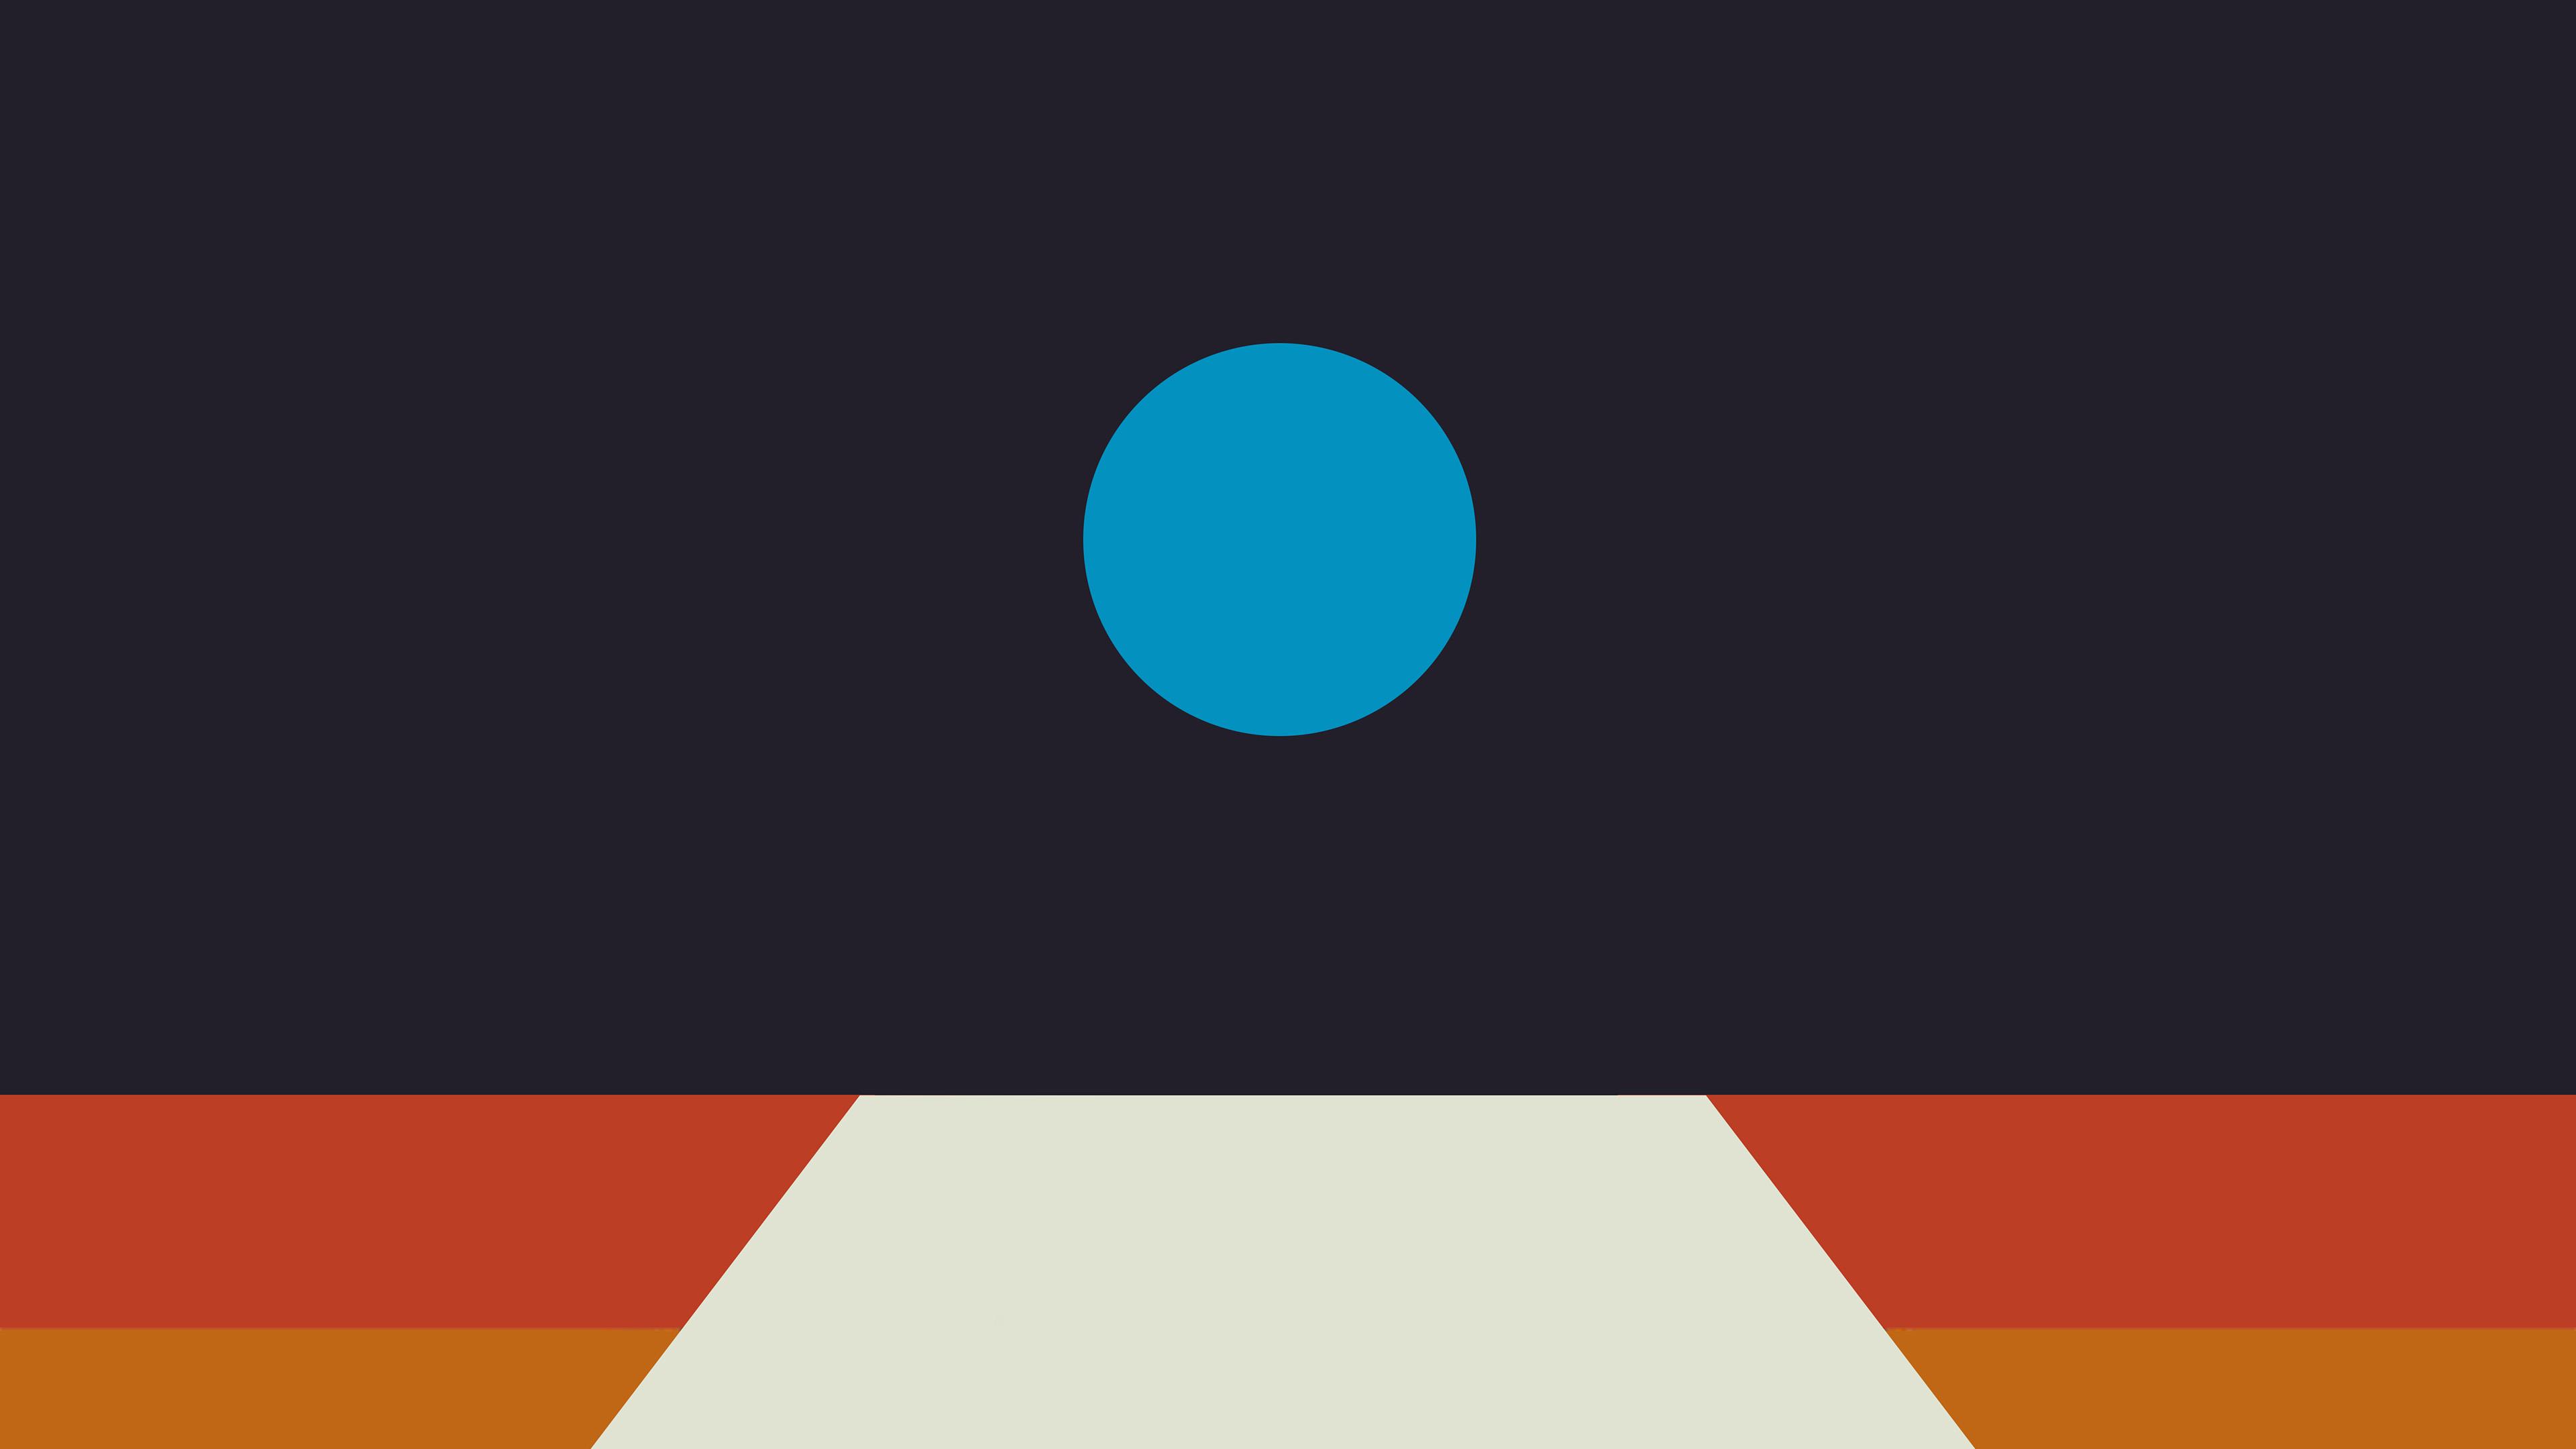 Av63 Tycho Art Blue Illustration Art Abstract Minimal Wallpaper